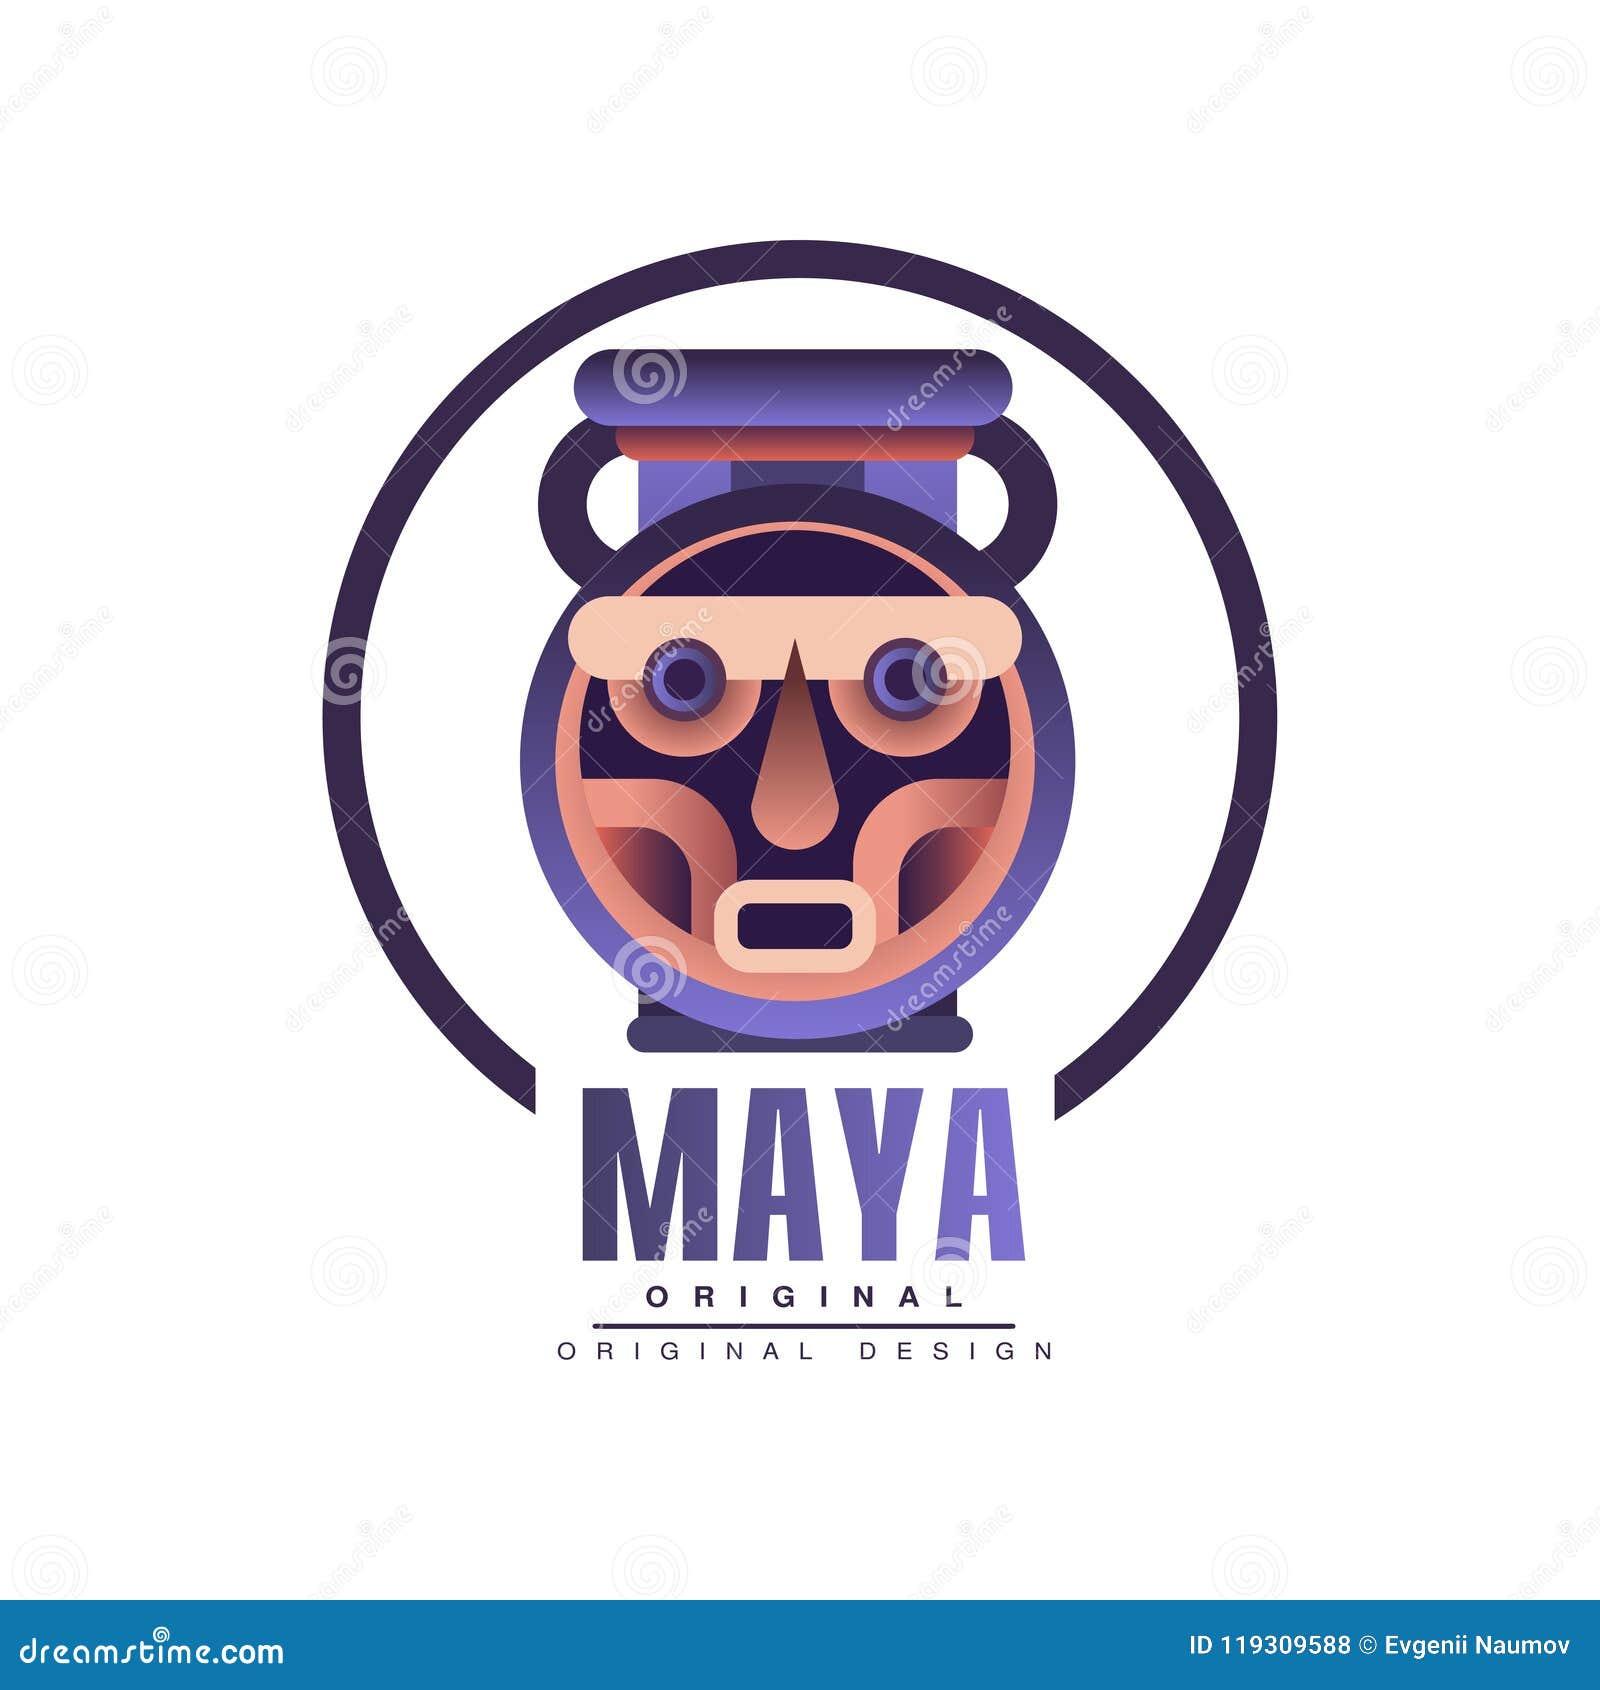 Projeto original do logotipo do Maya, ilustração tribal do vetor do emblema em um fundo branco